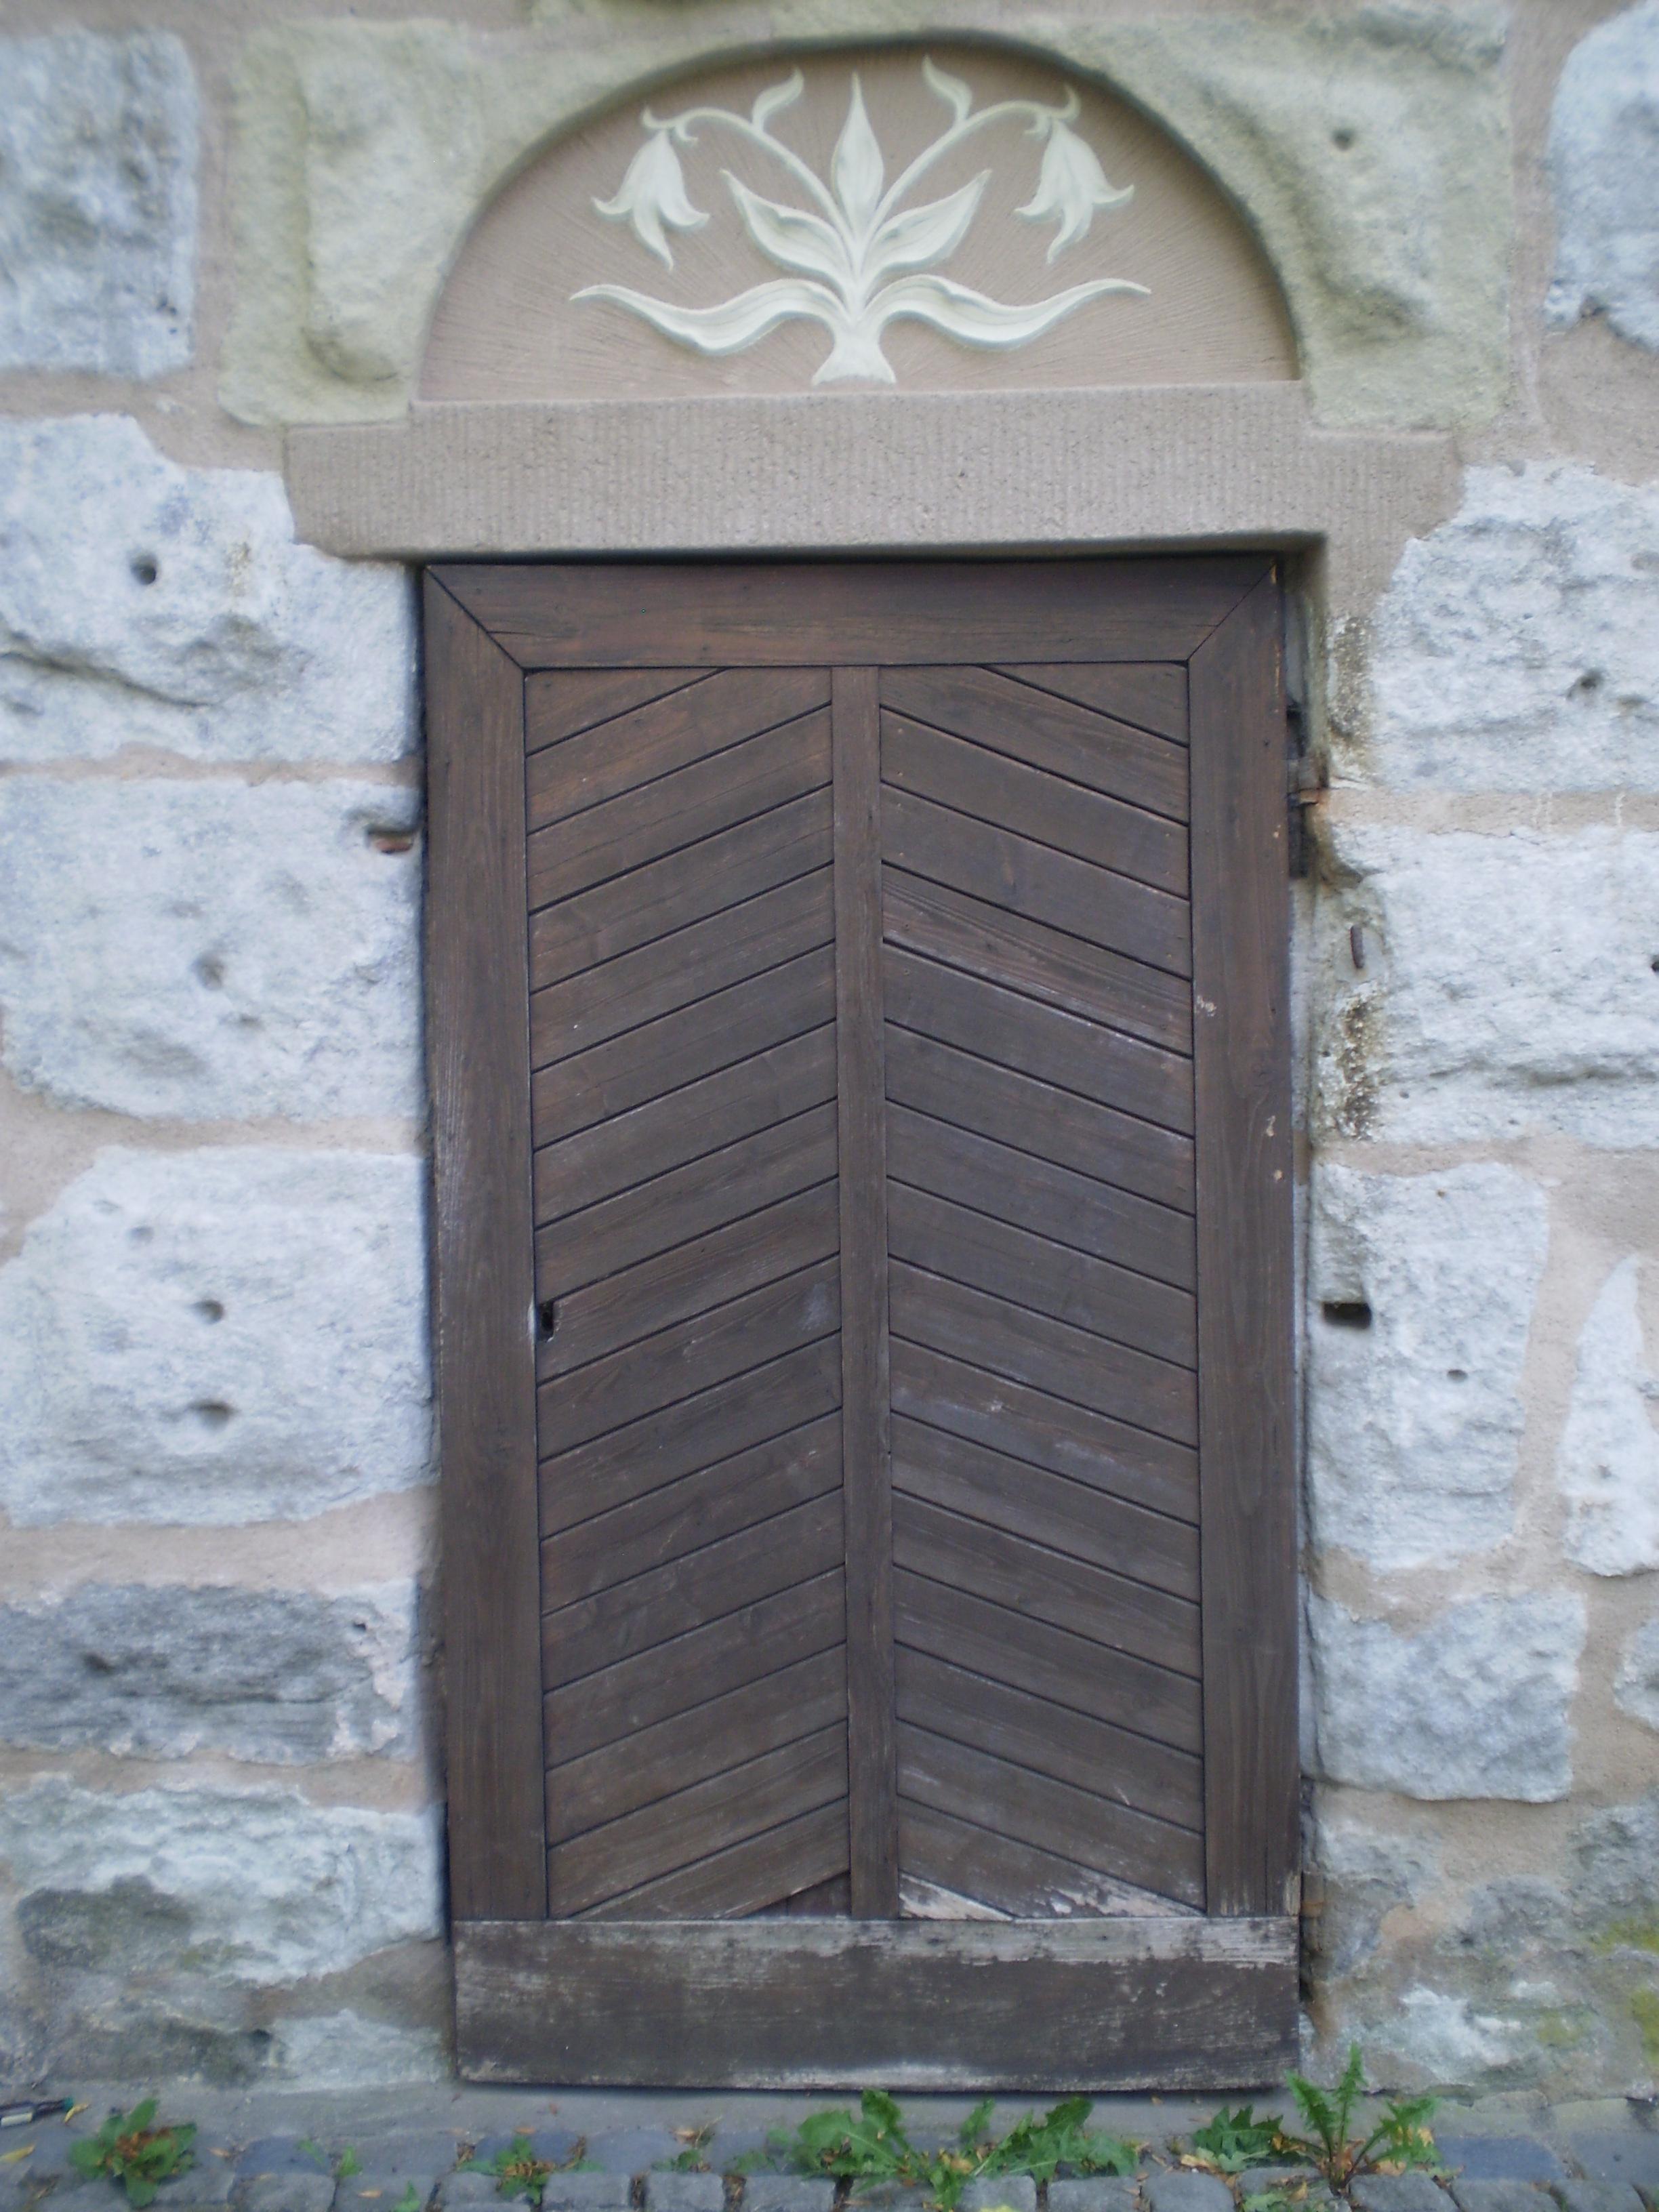 Alte Holztüren file alte holztür mit türsturz und darin in stein gehauene